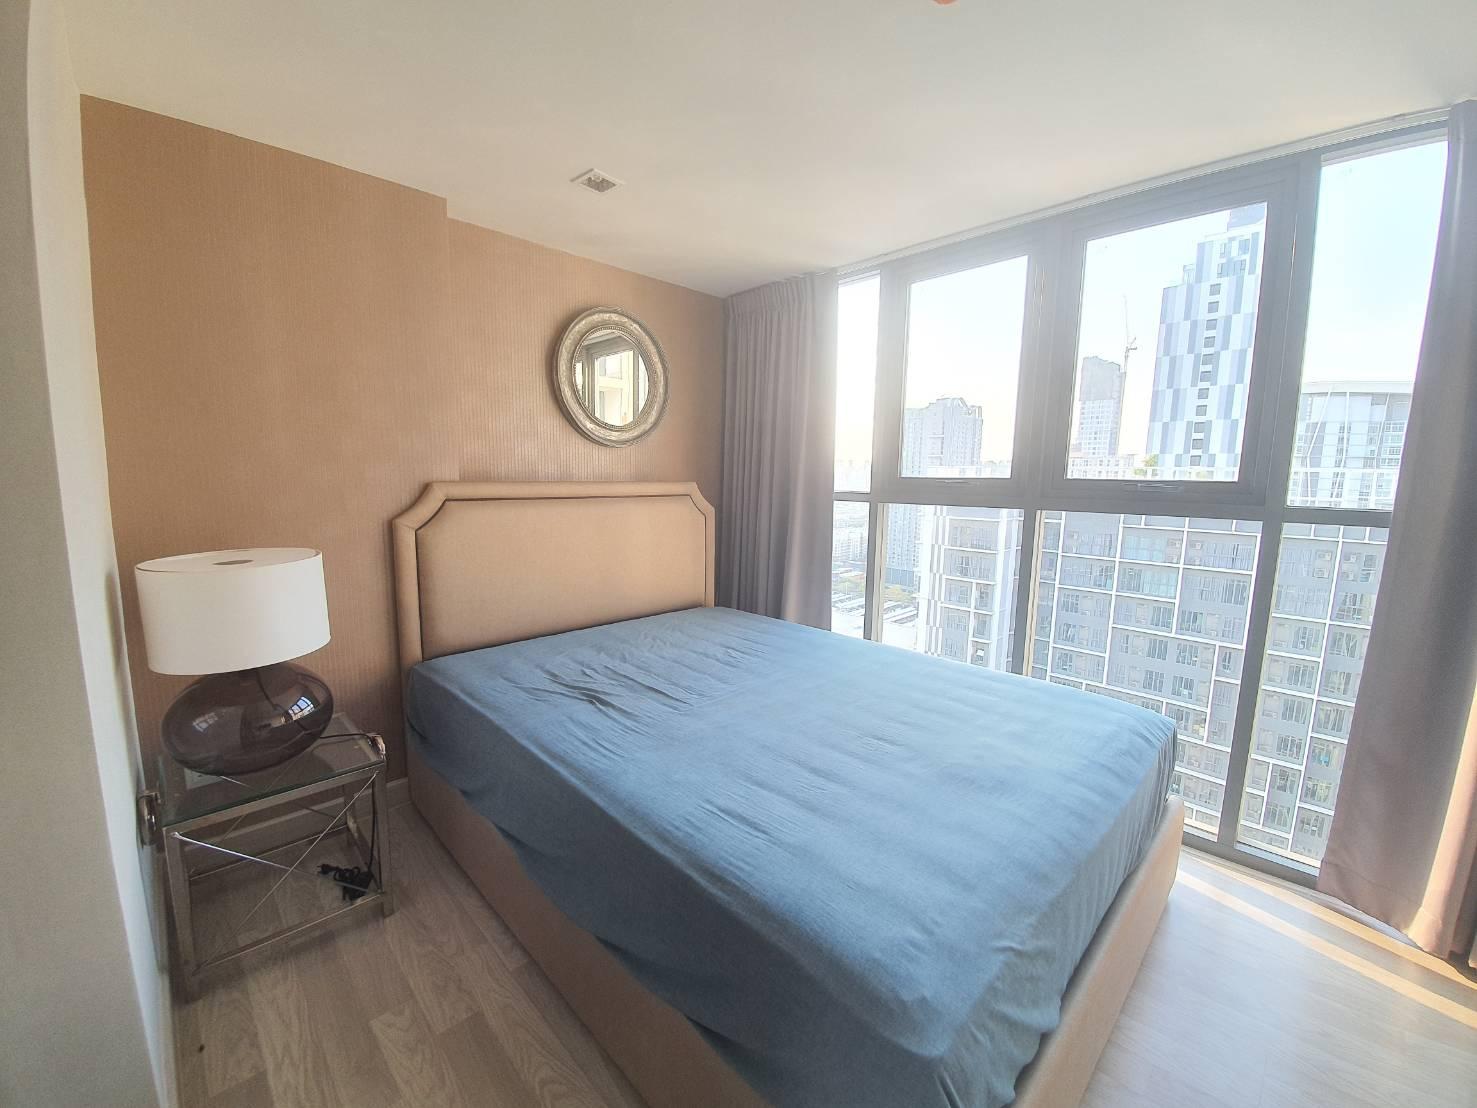 ภาพคอนโดต้องการขาย ไอดีโอ โมบิ สุขุมวิท  สุขุมวิท  บางจาก พระโขนง 1 ห้องนอน พร้อมอยู่ ราคาถูก